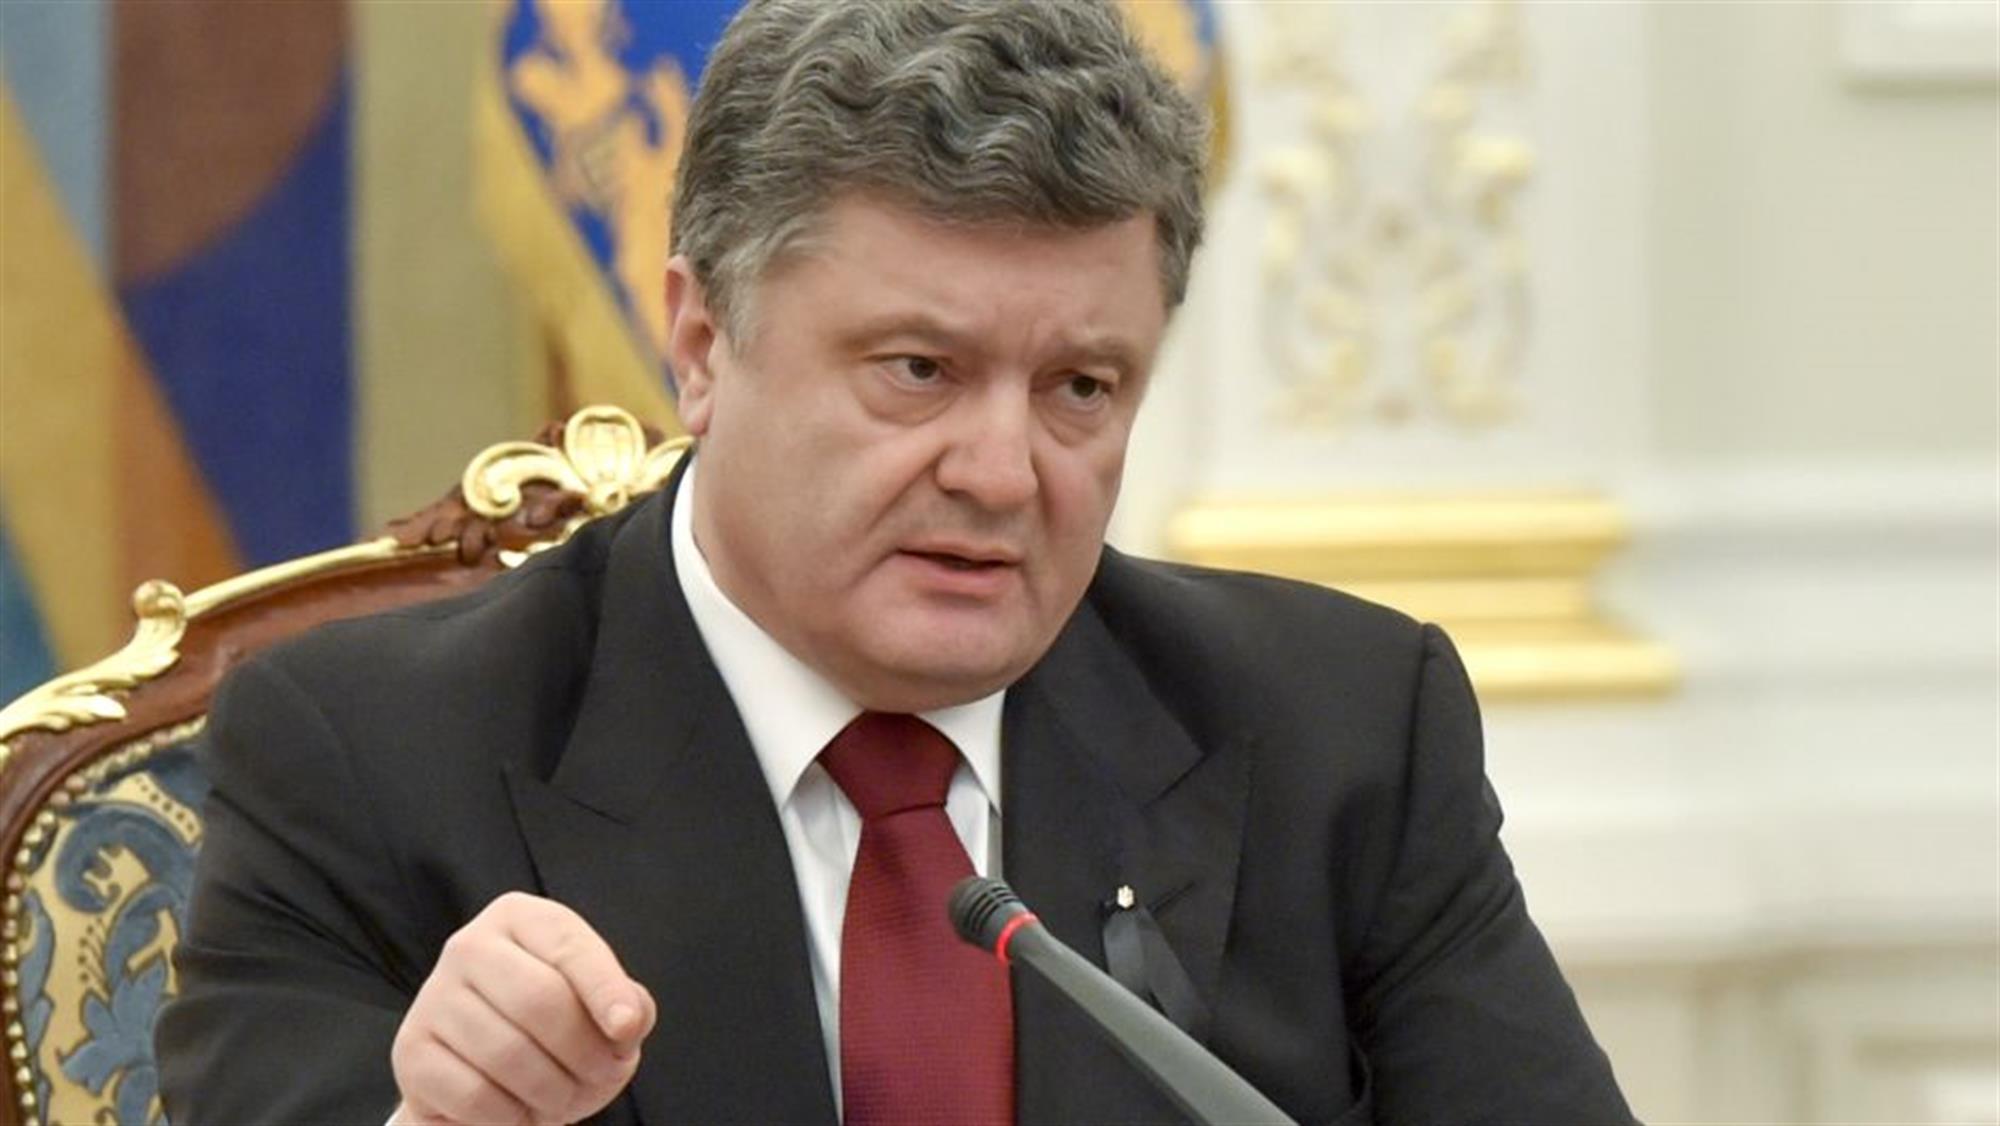 Liderul de la Kiev, Petro Poroșenko, candidat oficial pentru al doilea mandat prezidențial